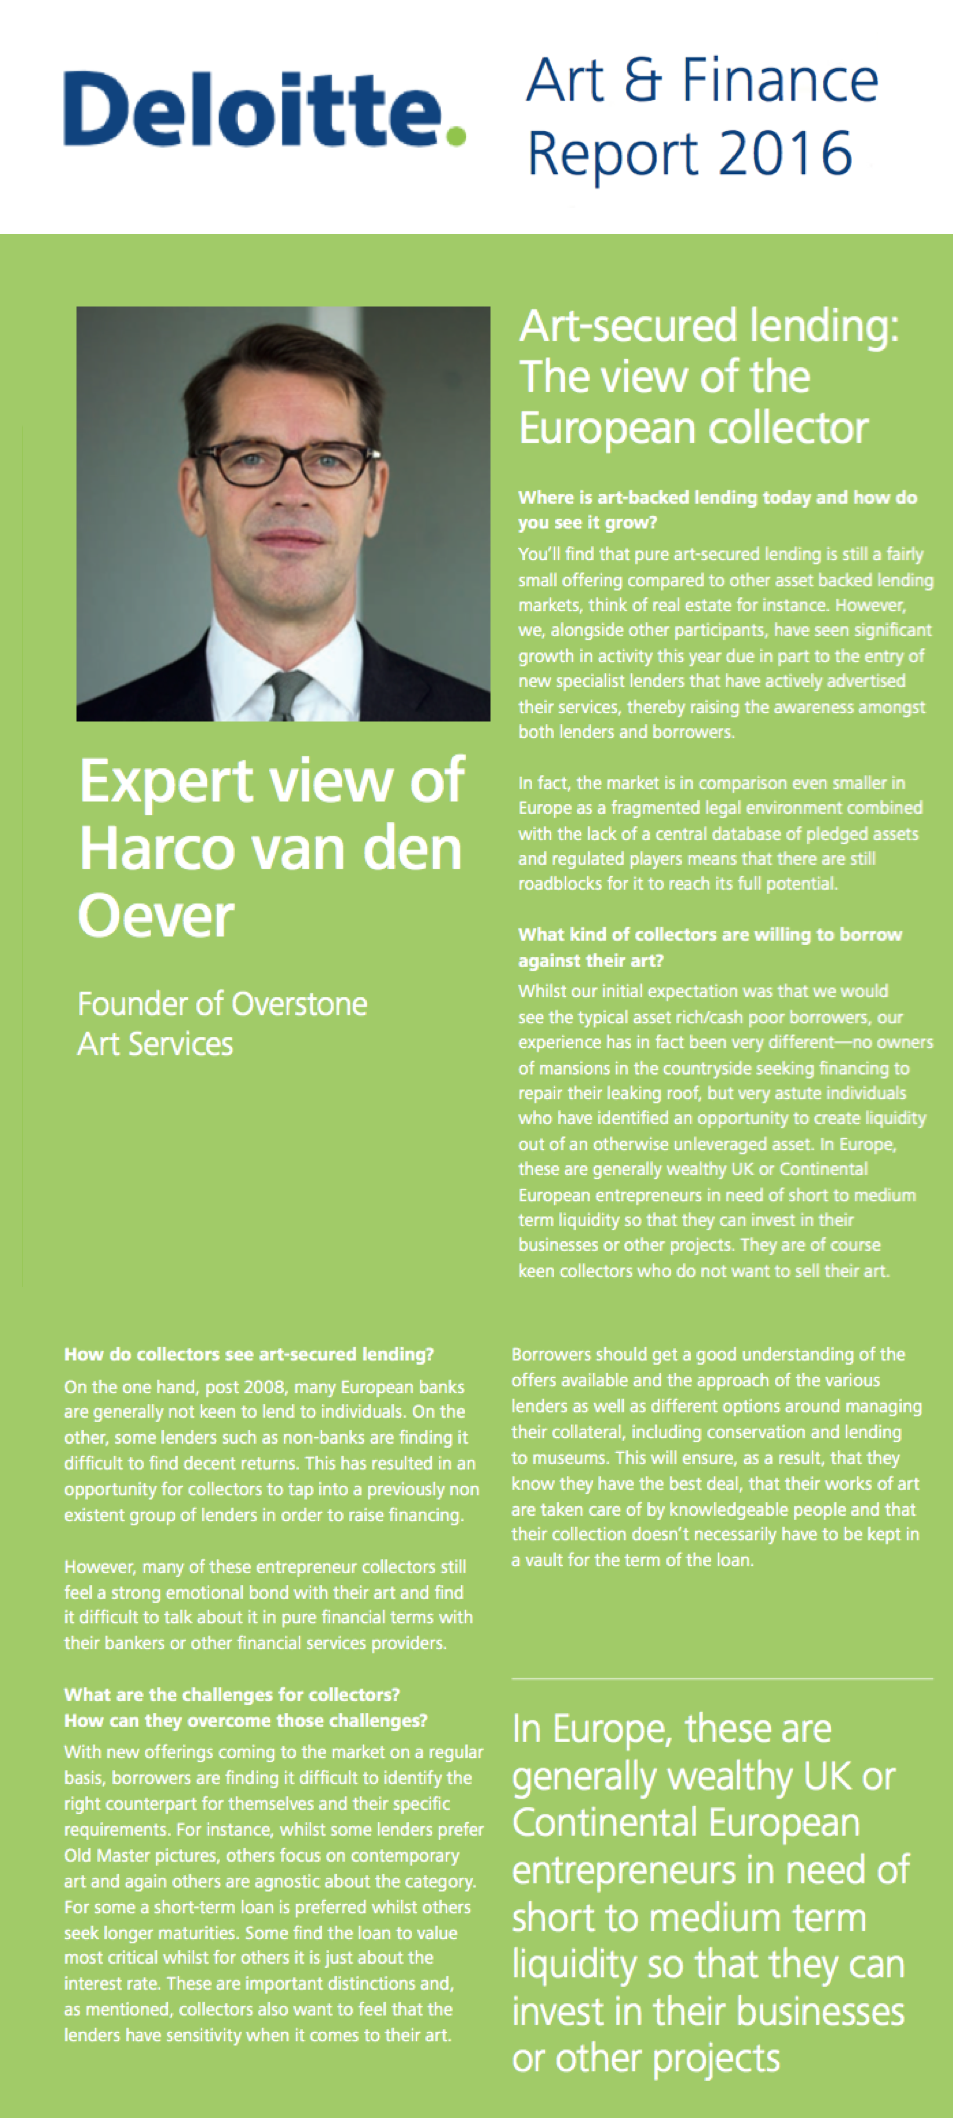 Deloitte Art & Finance Report 2016